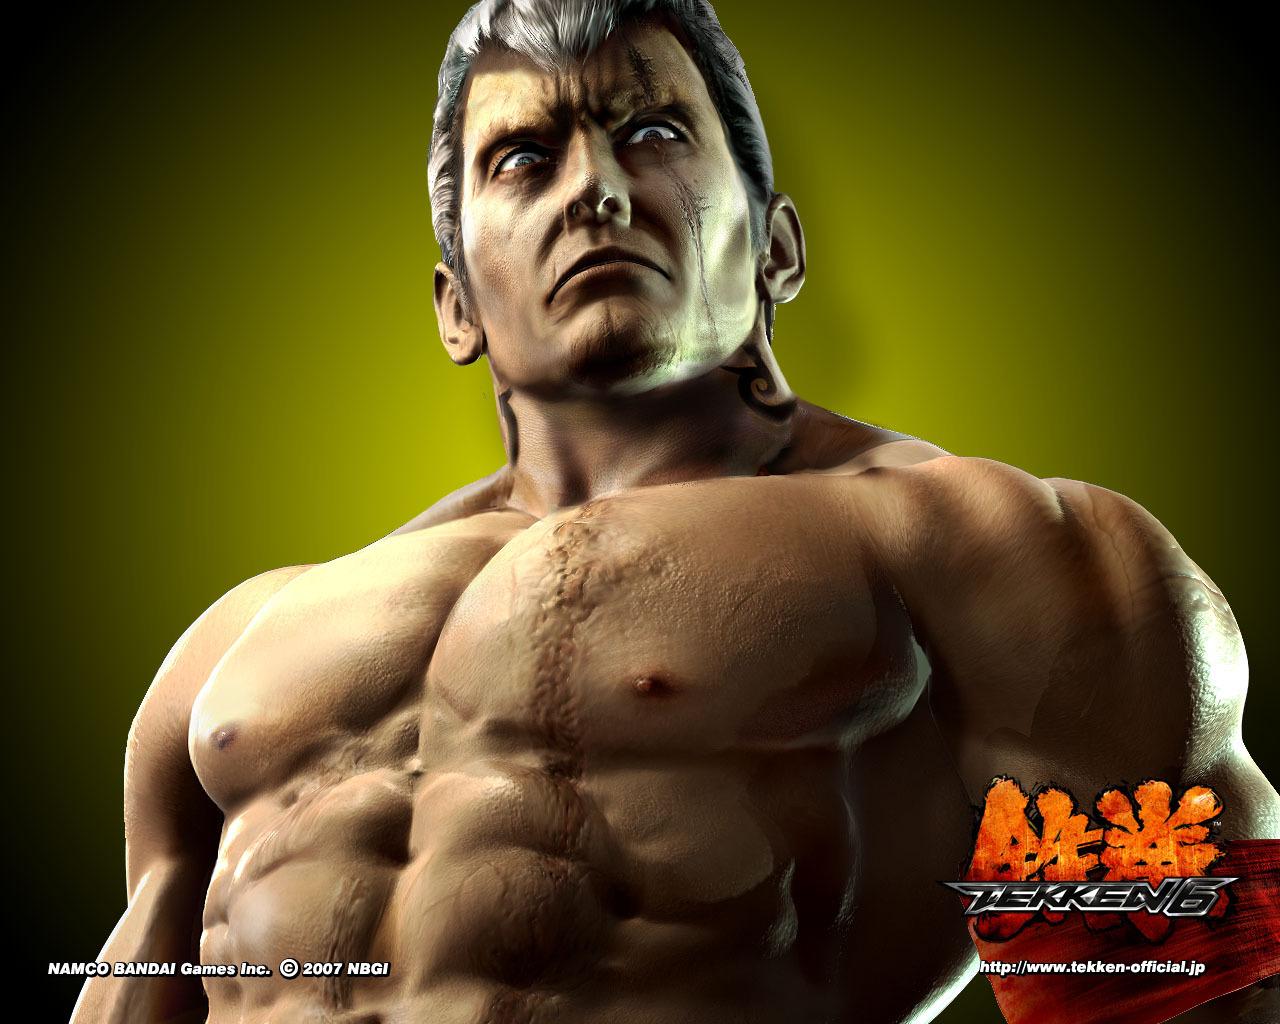 2170 скачать обои Tekken, Игры - заставки и картинки бесплатно